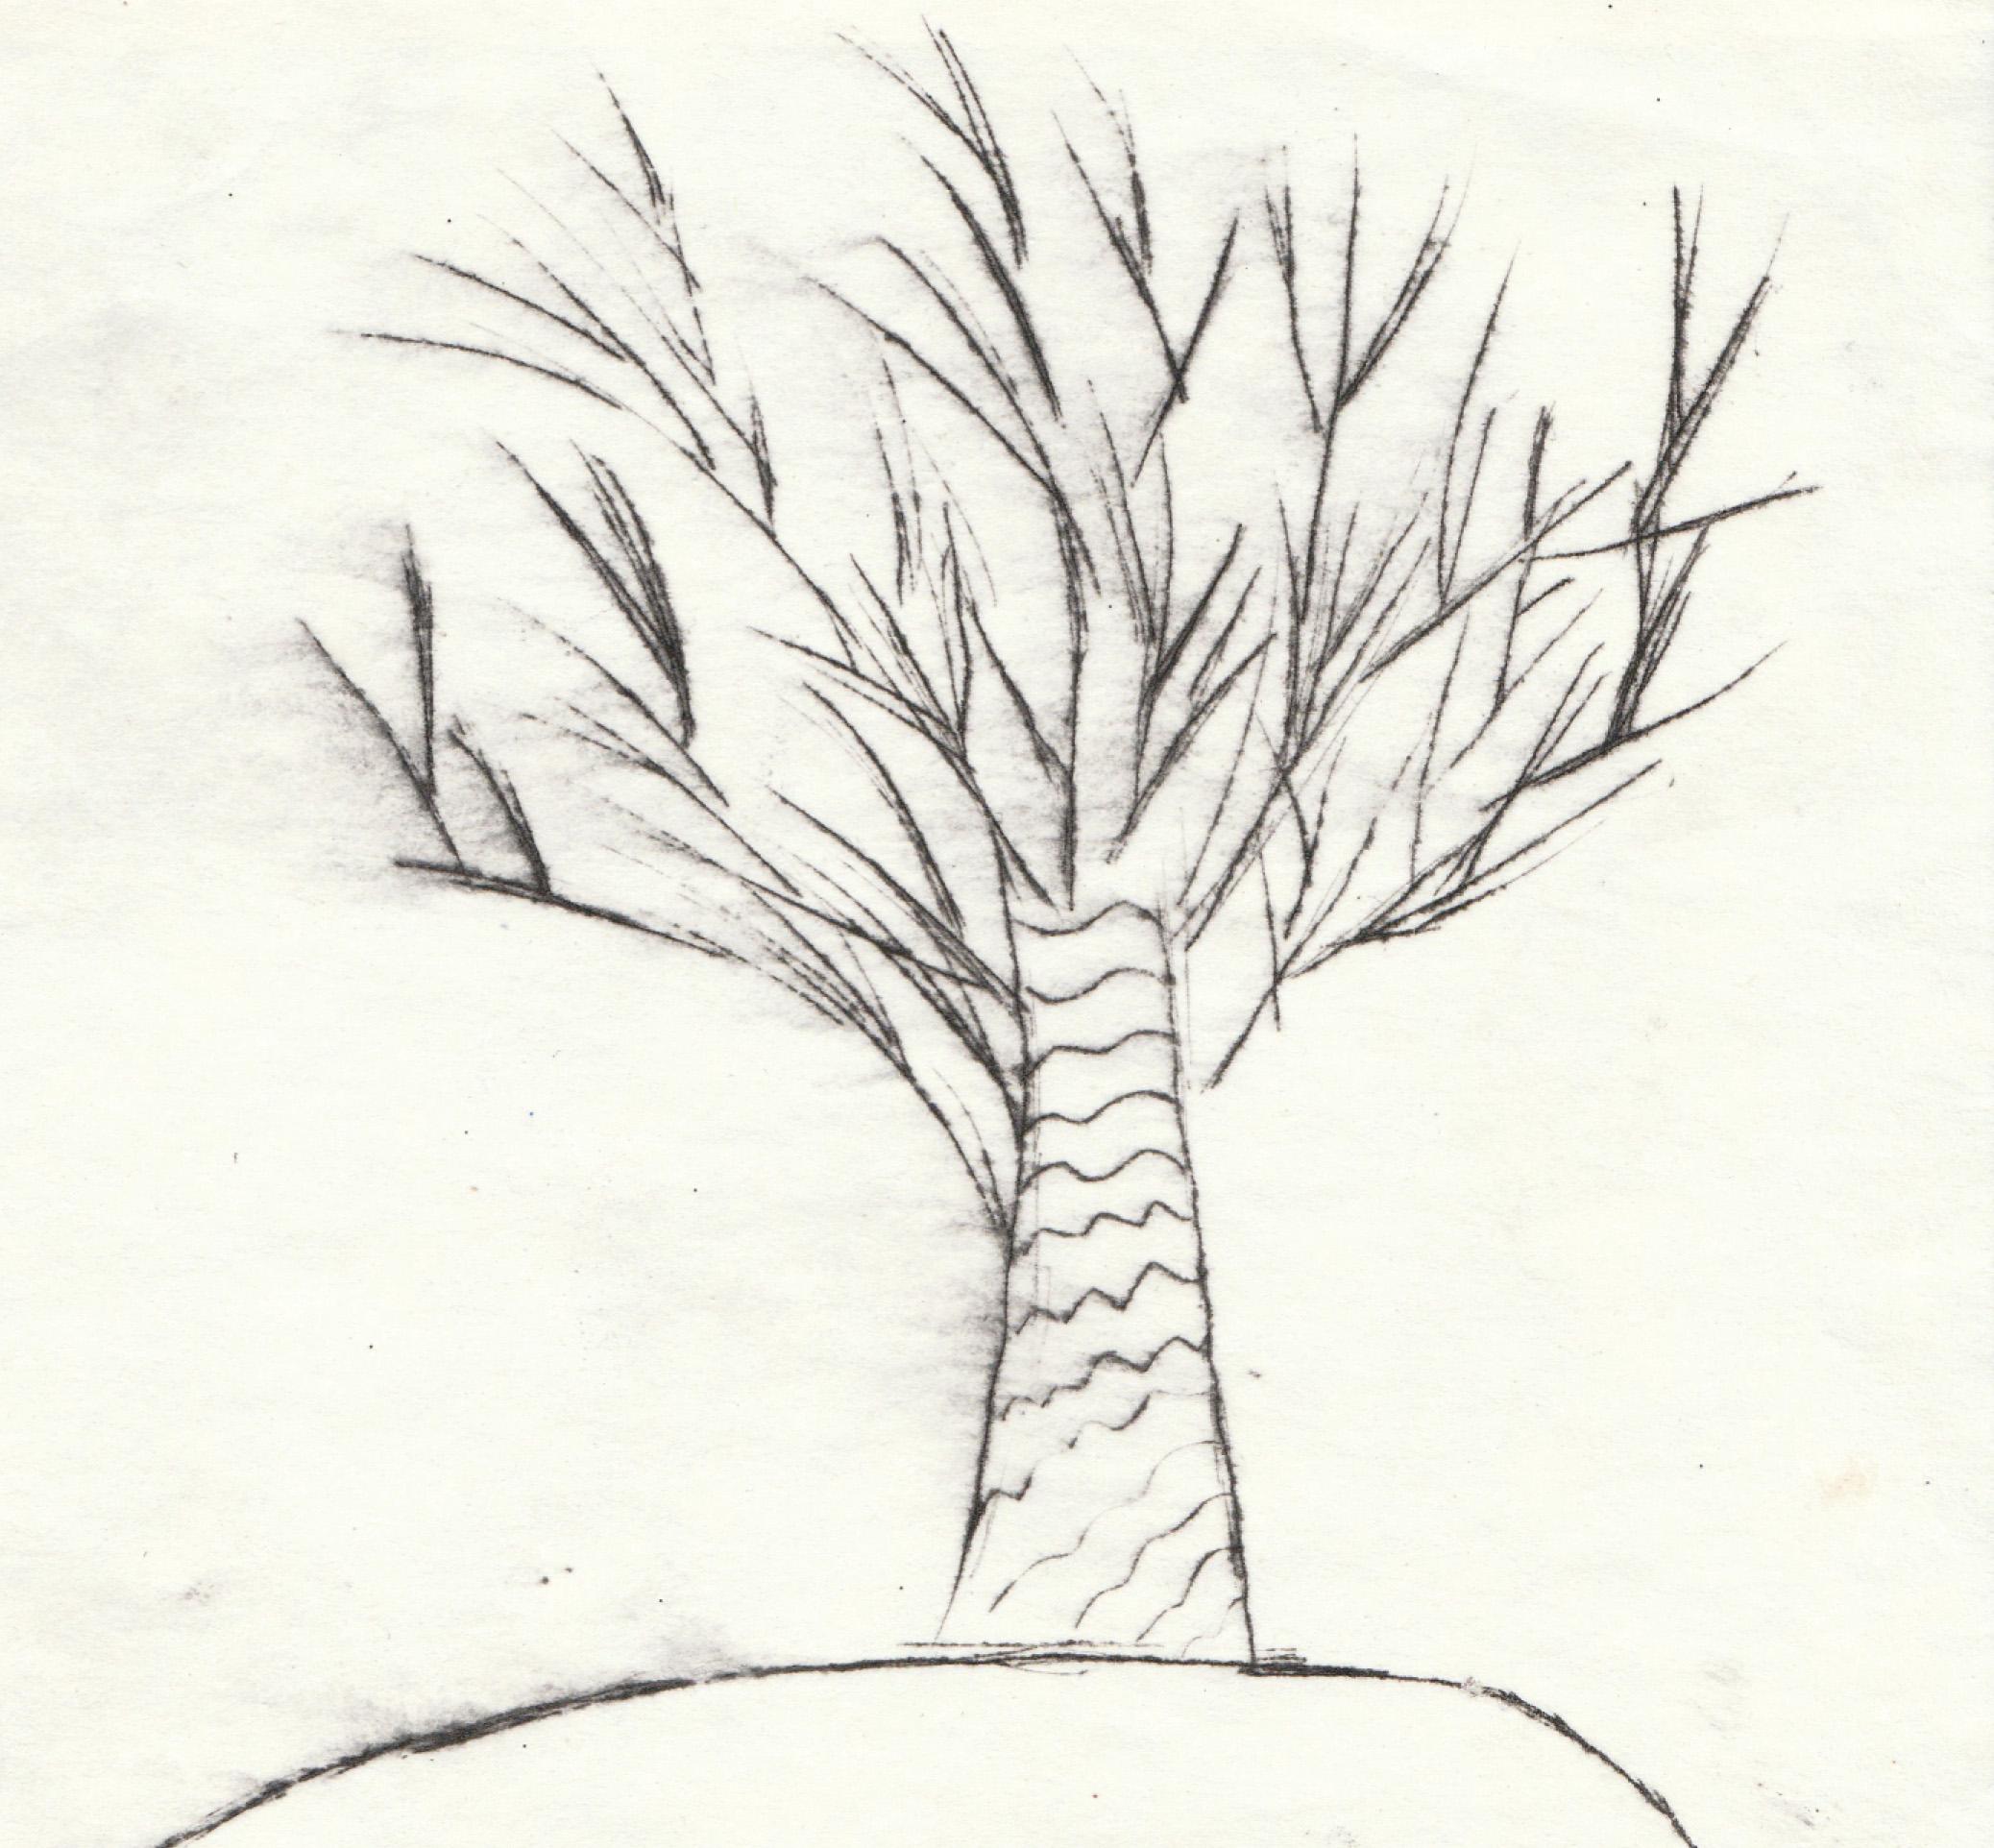 Zīmējumā ir attēlots koks bez lapām. Zīmējums ir lineārs, melnbalts.